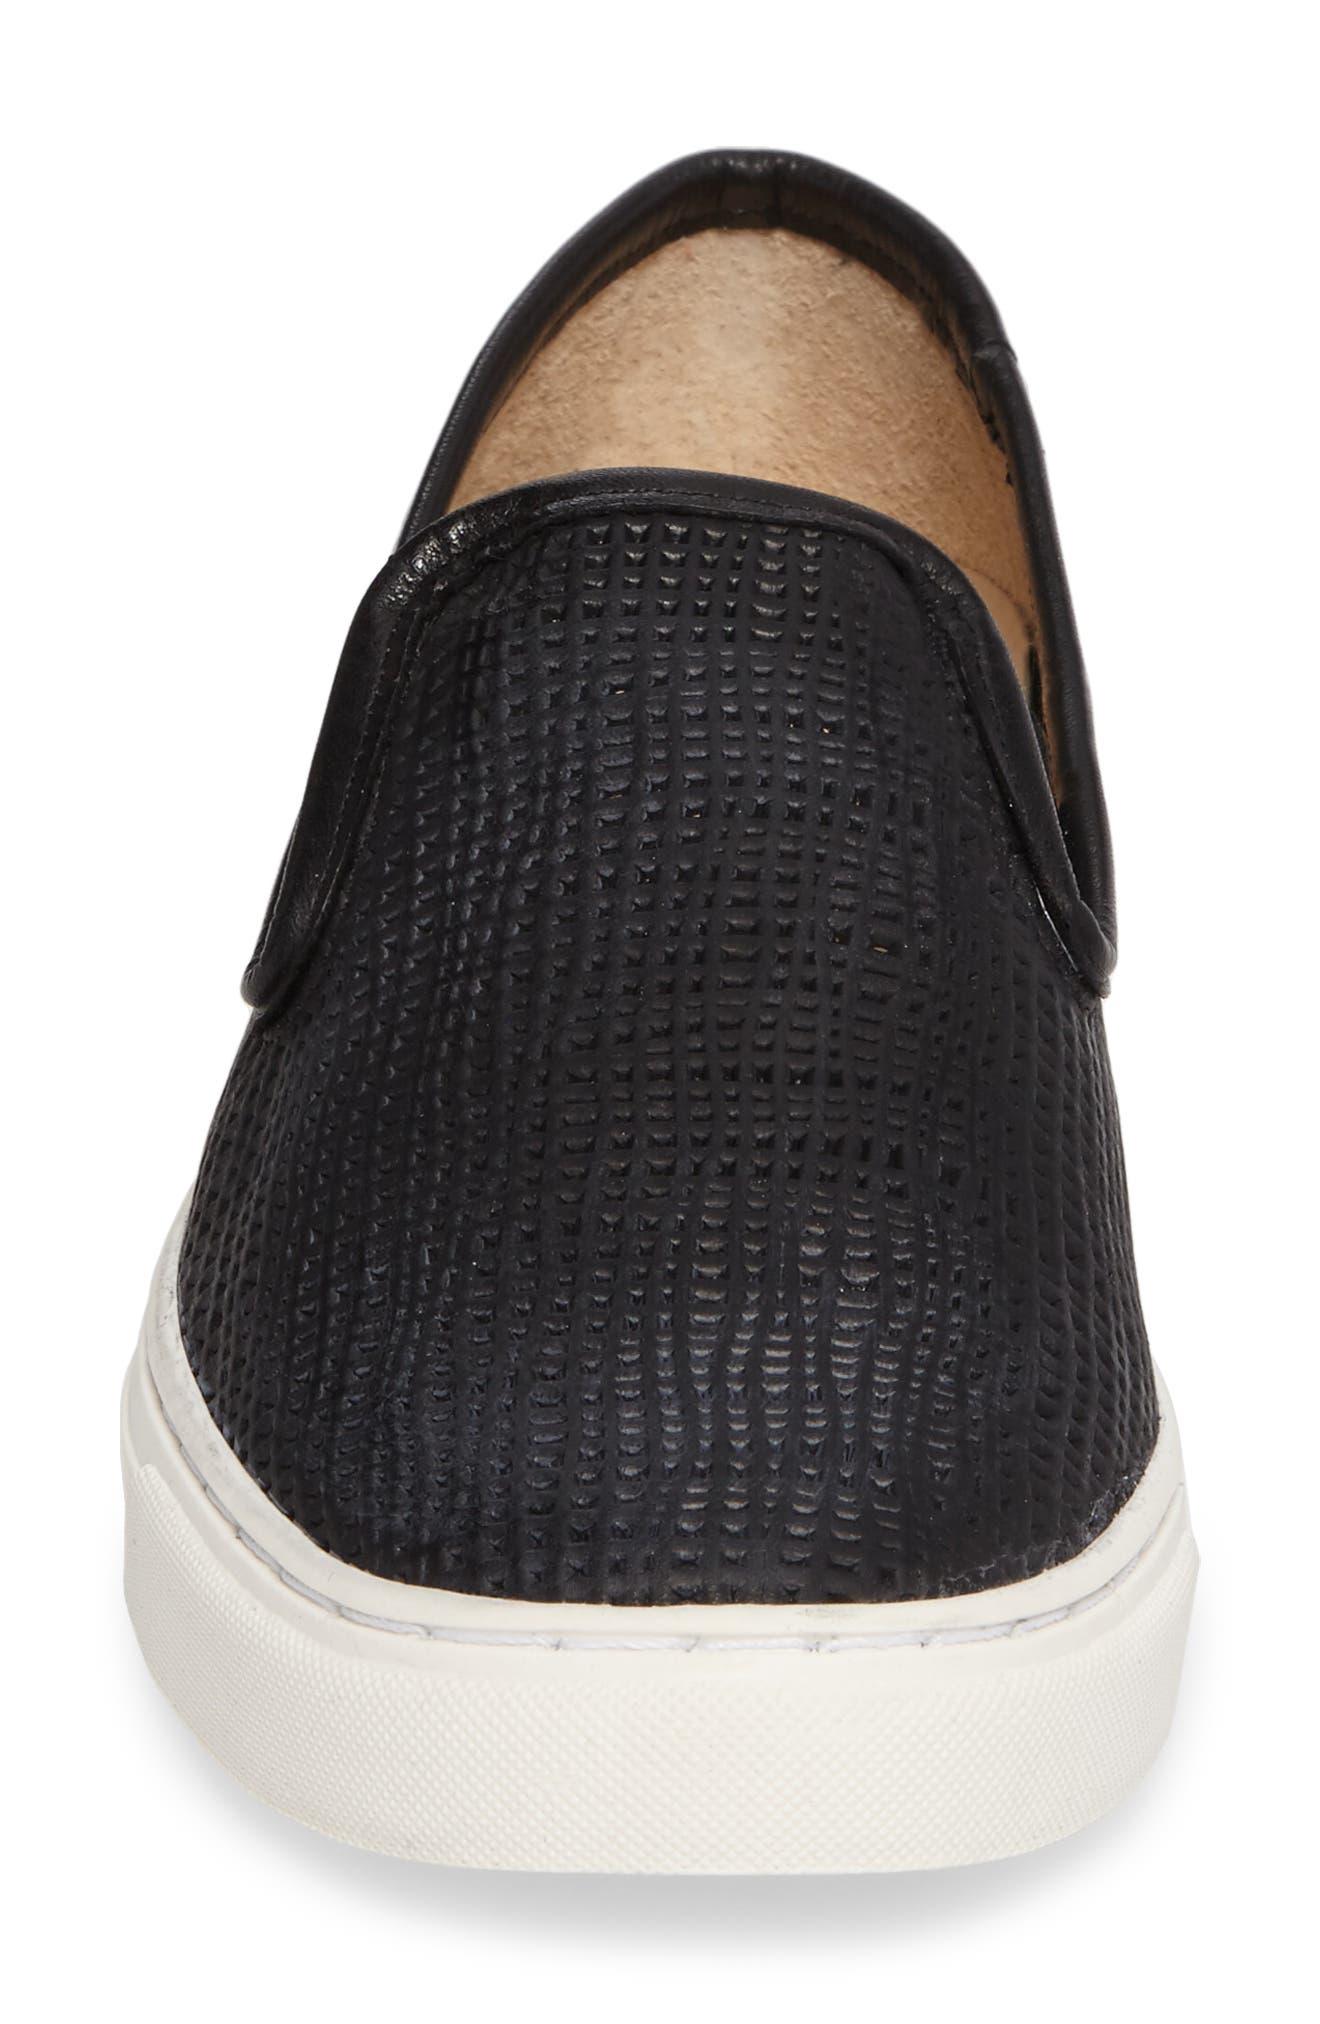 Becker Perforated Slip-On Sneaker,                             Alternate thumbnail 4, color,                             001